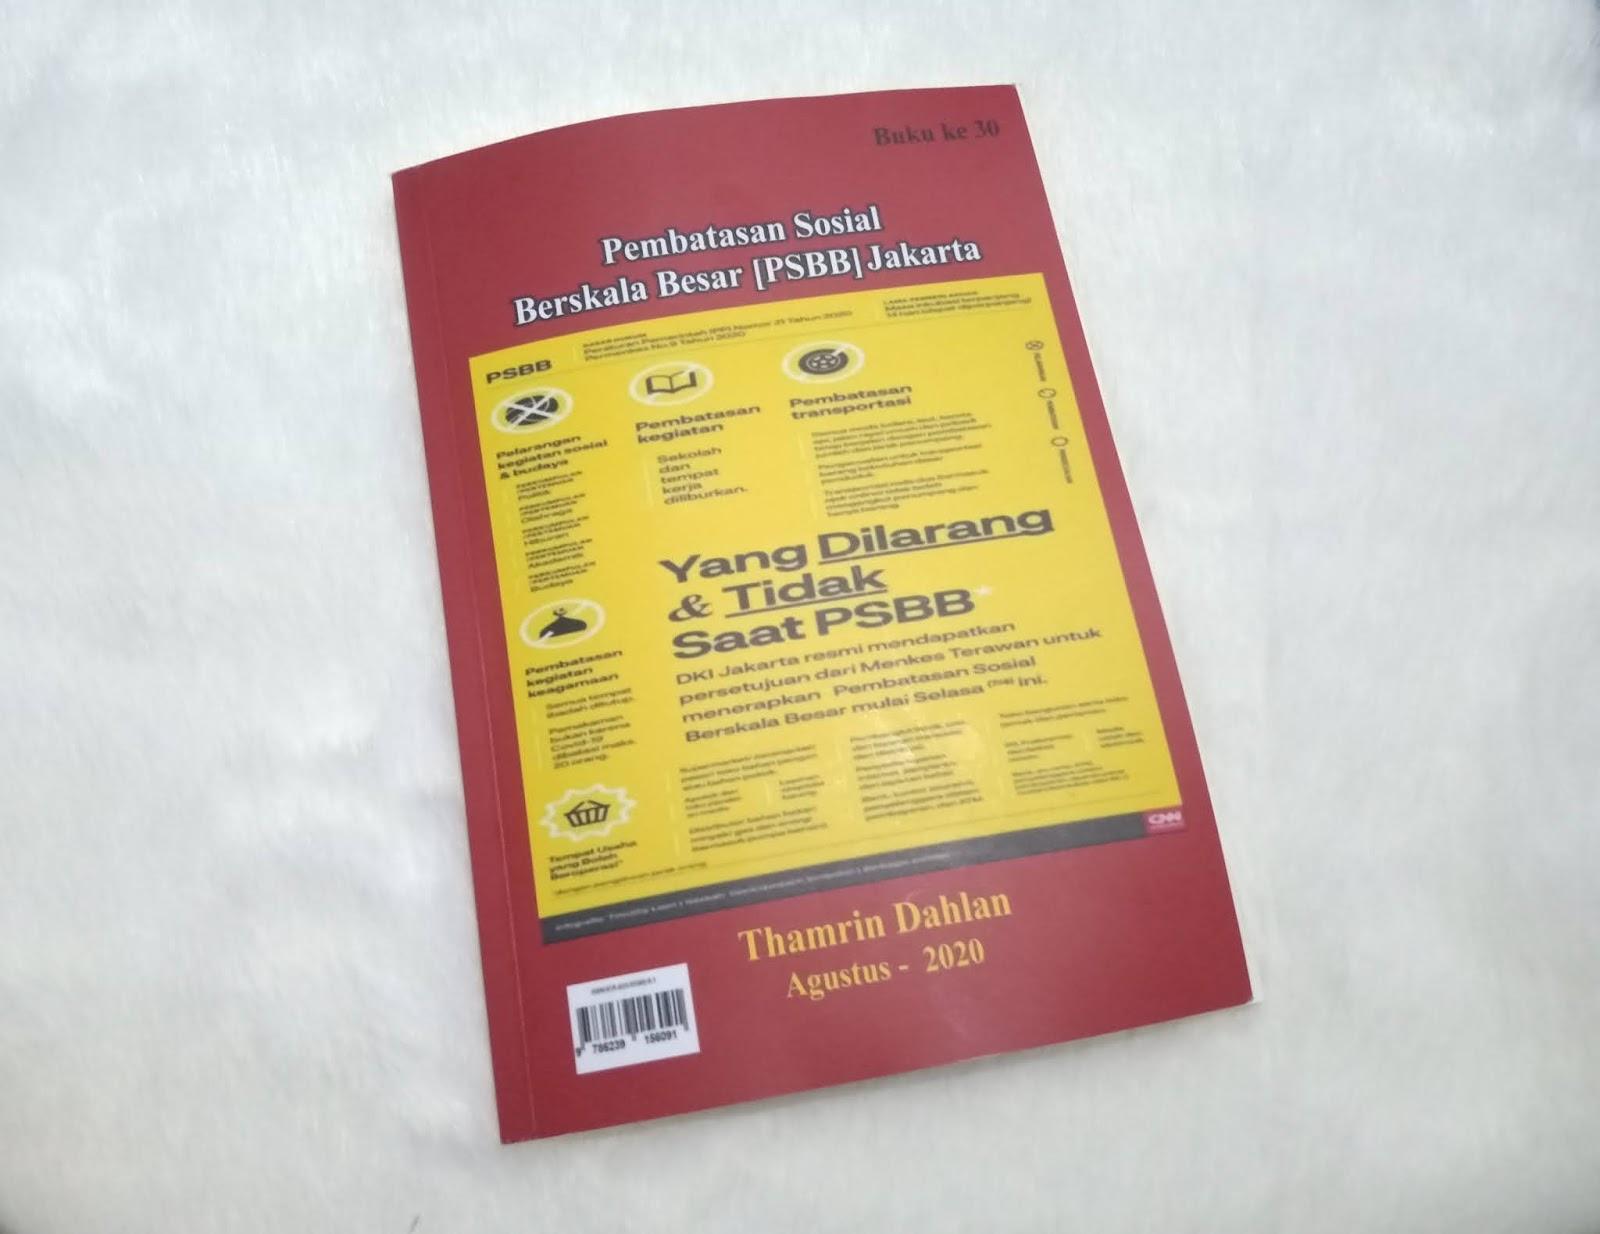 Buku ke 30 Thamrin Dahlan